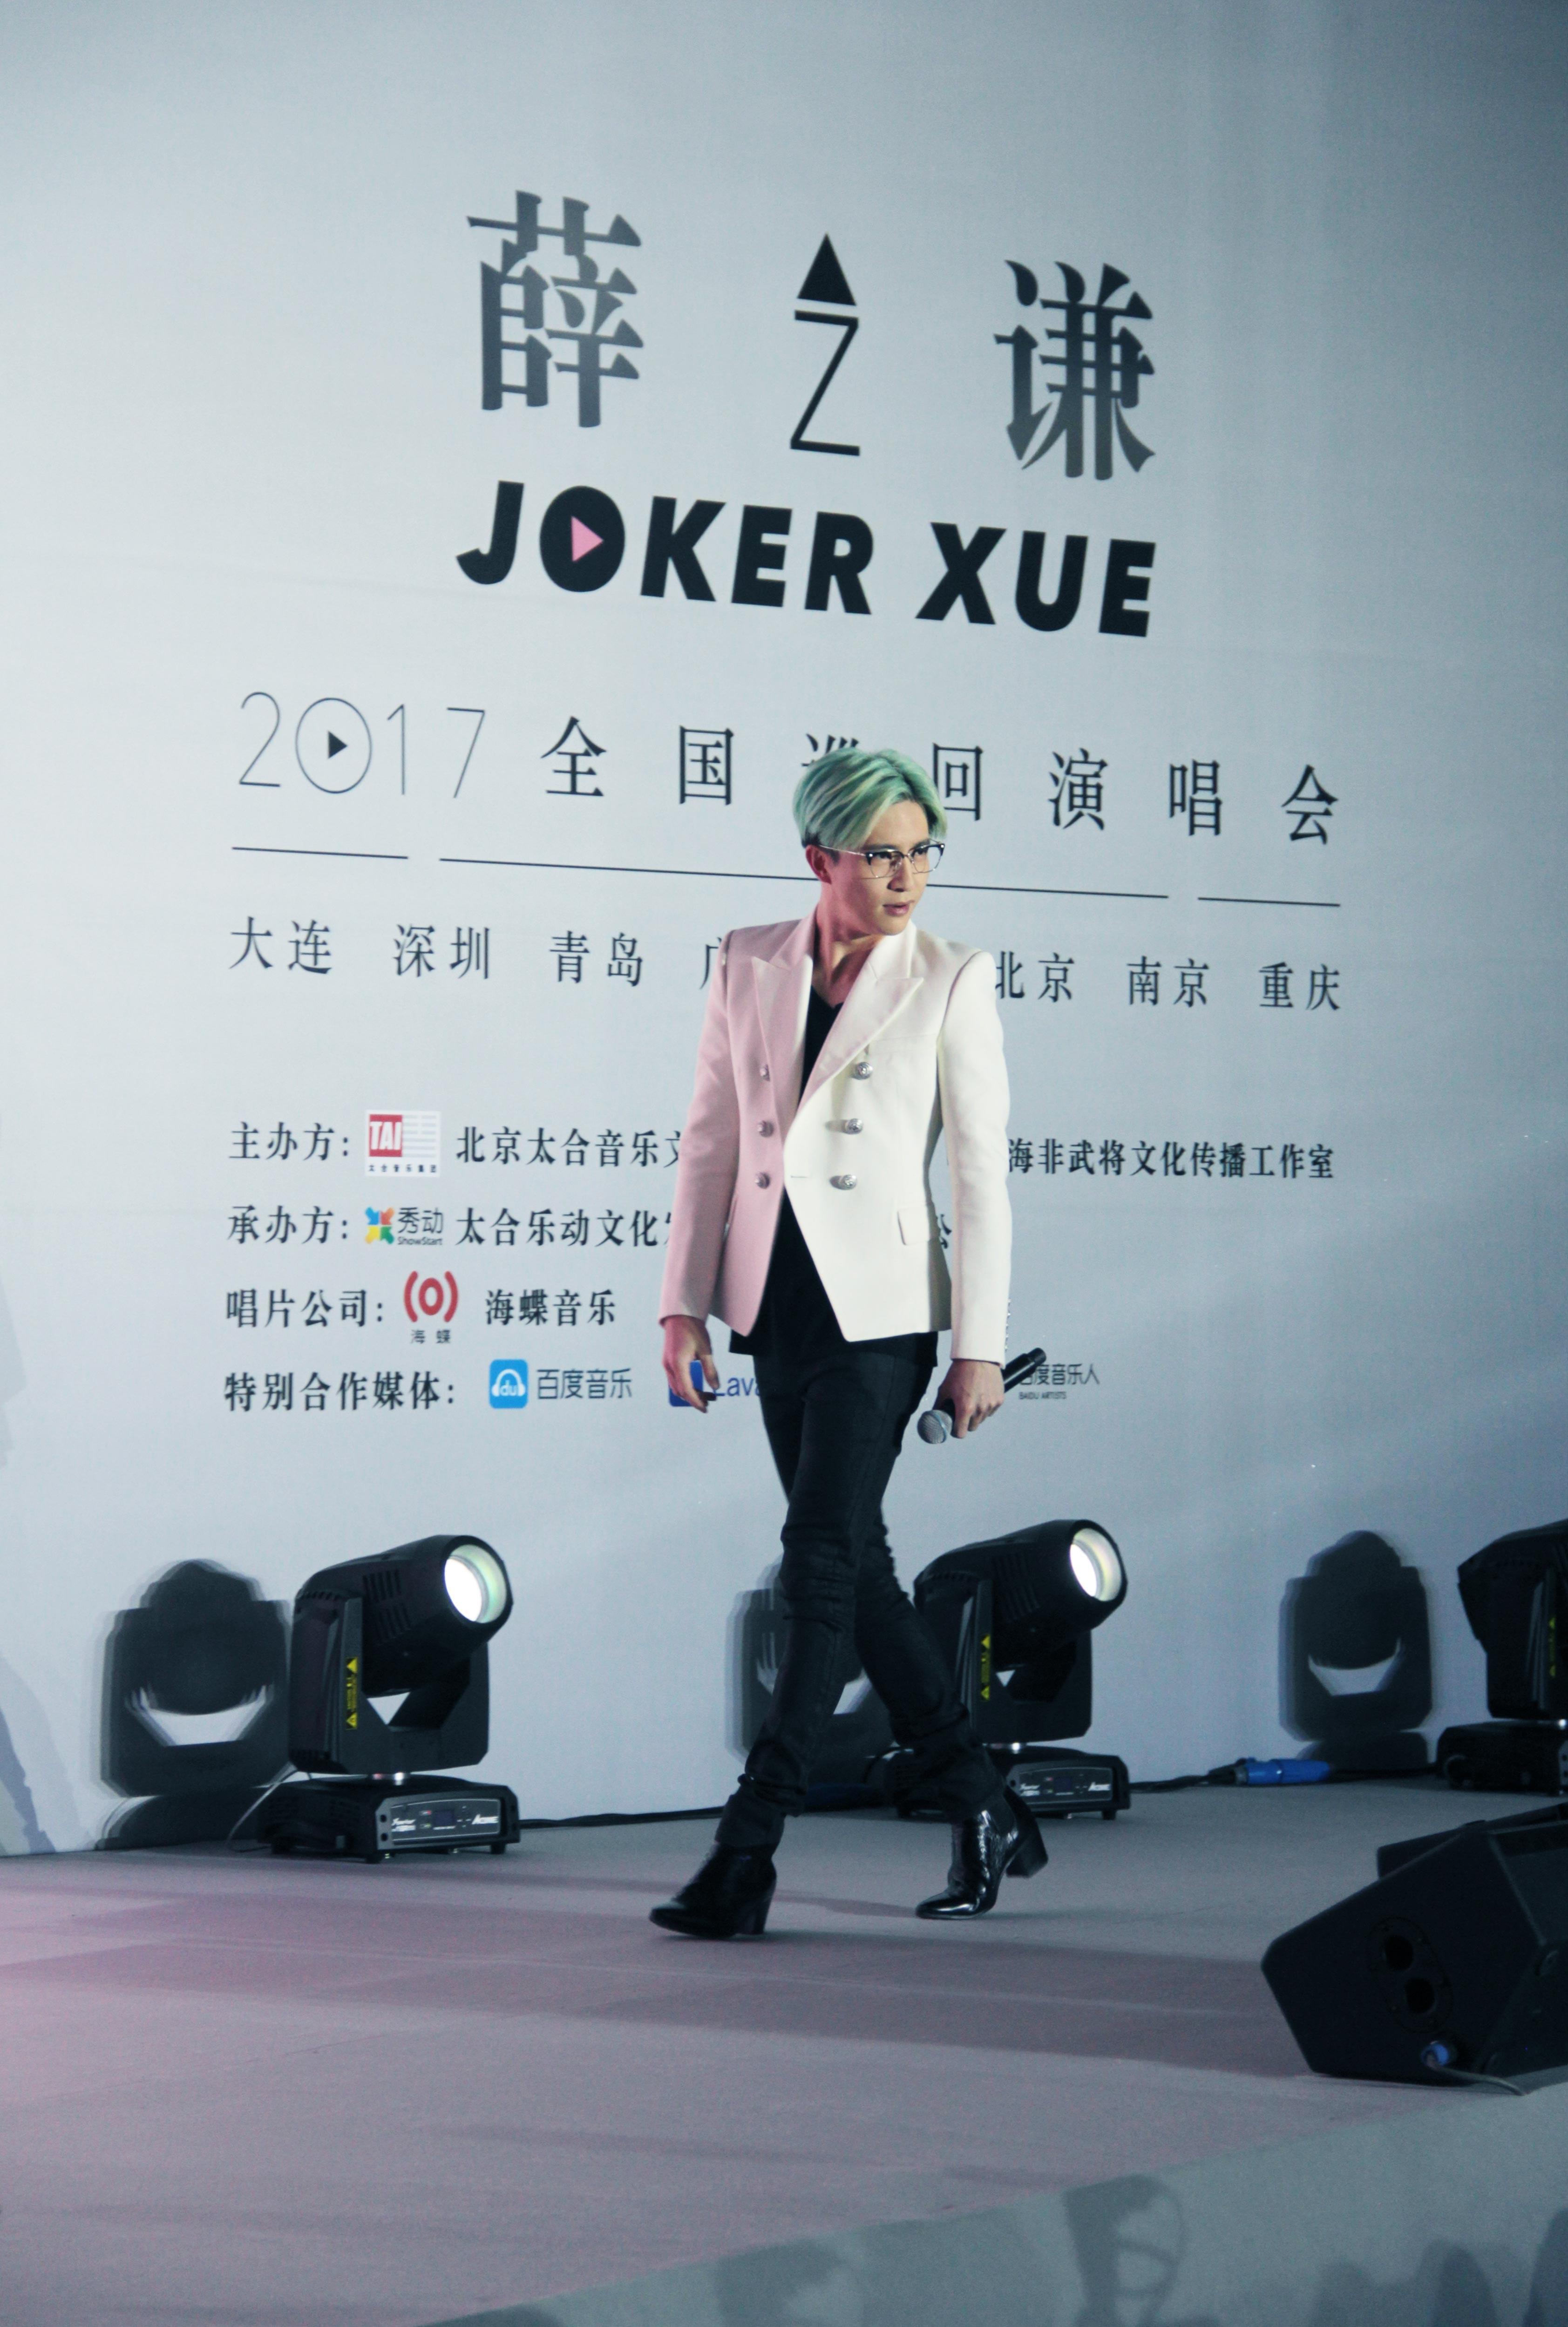 薛之谦巡回演唱会正式启动 首站大连即将开跑